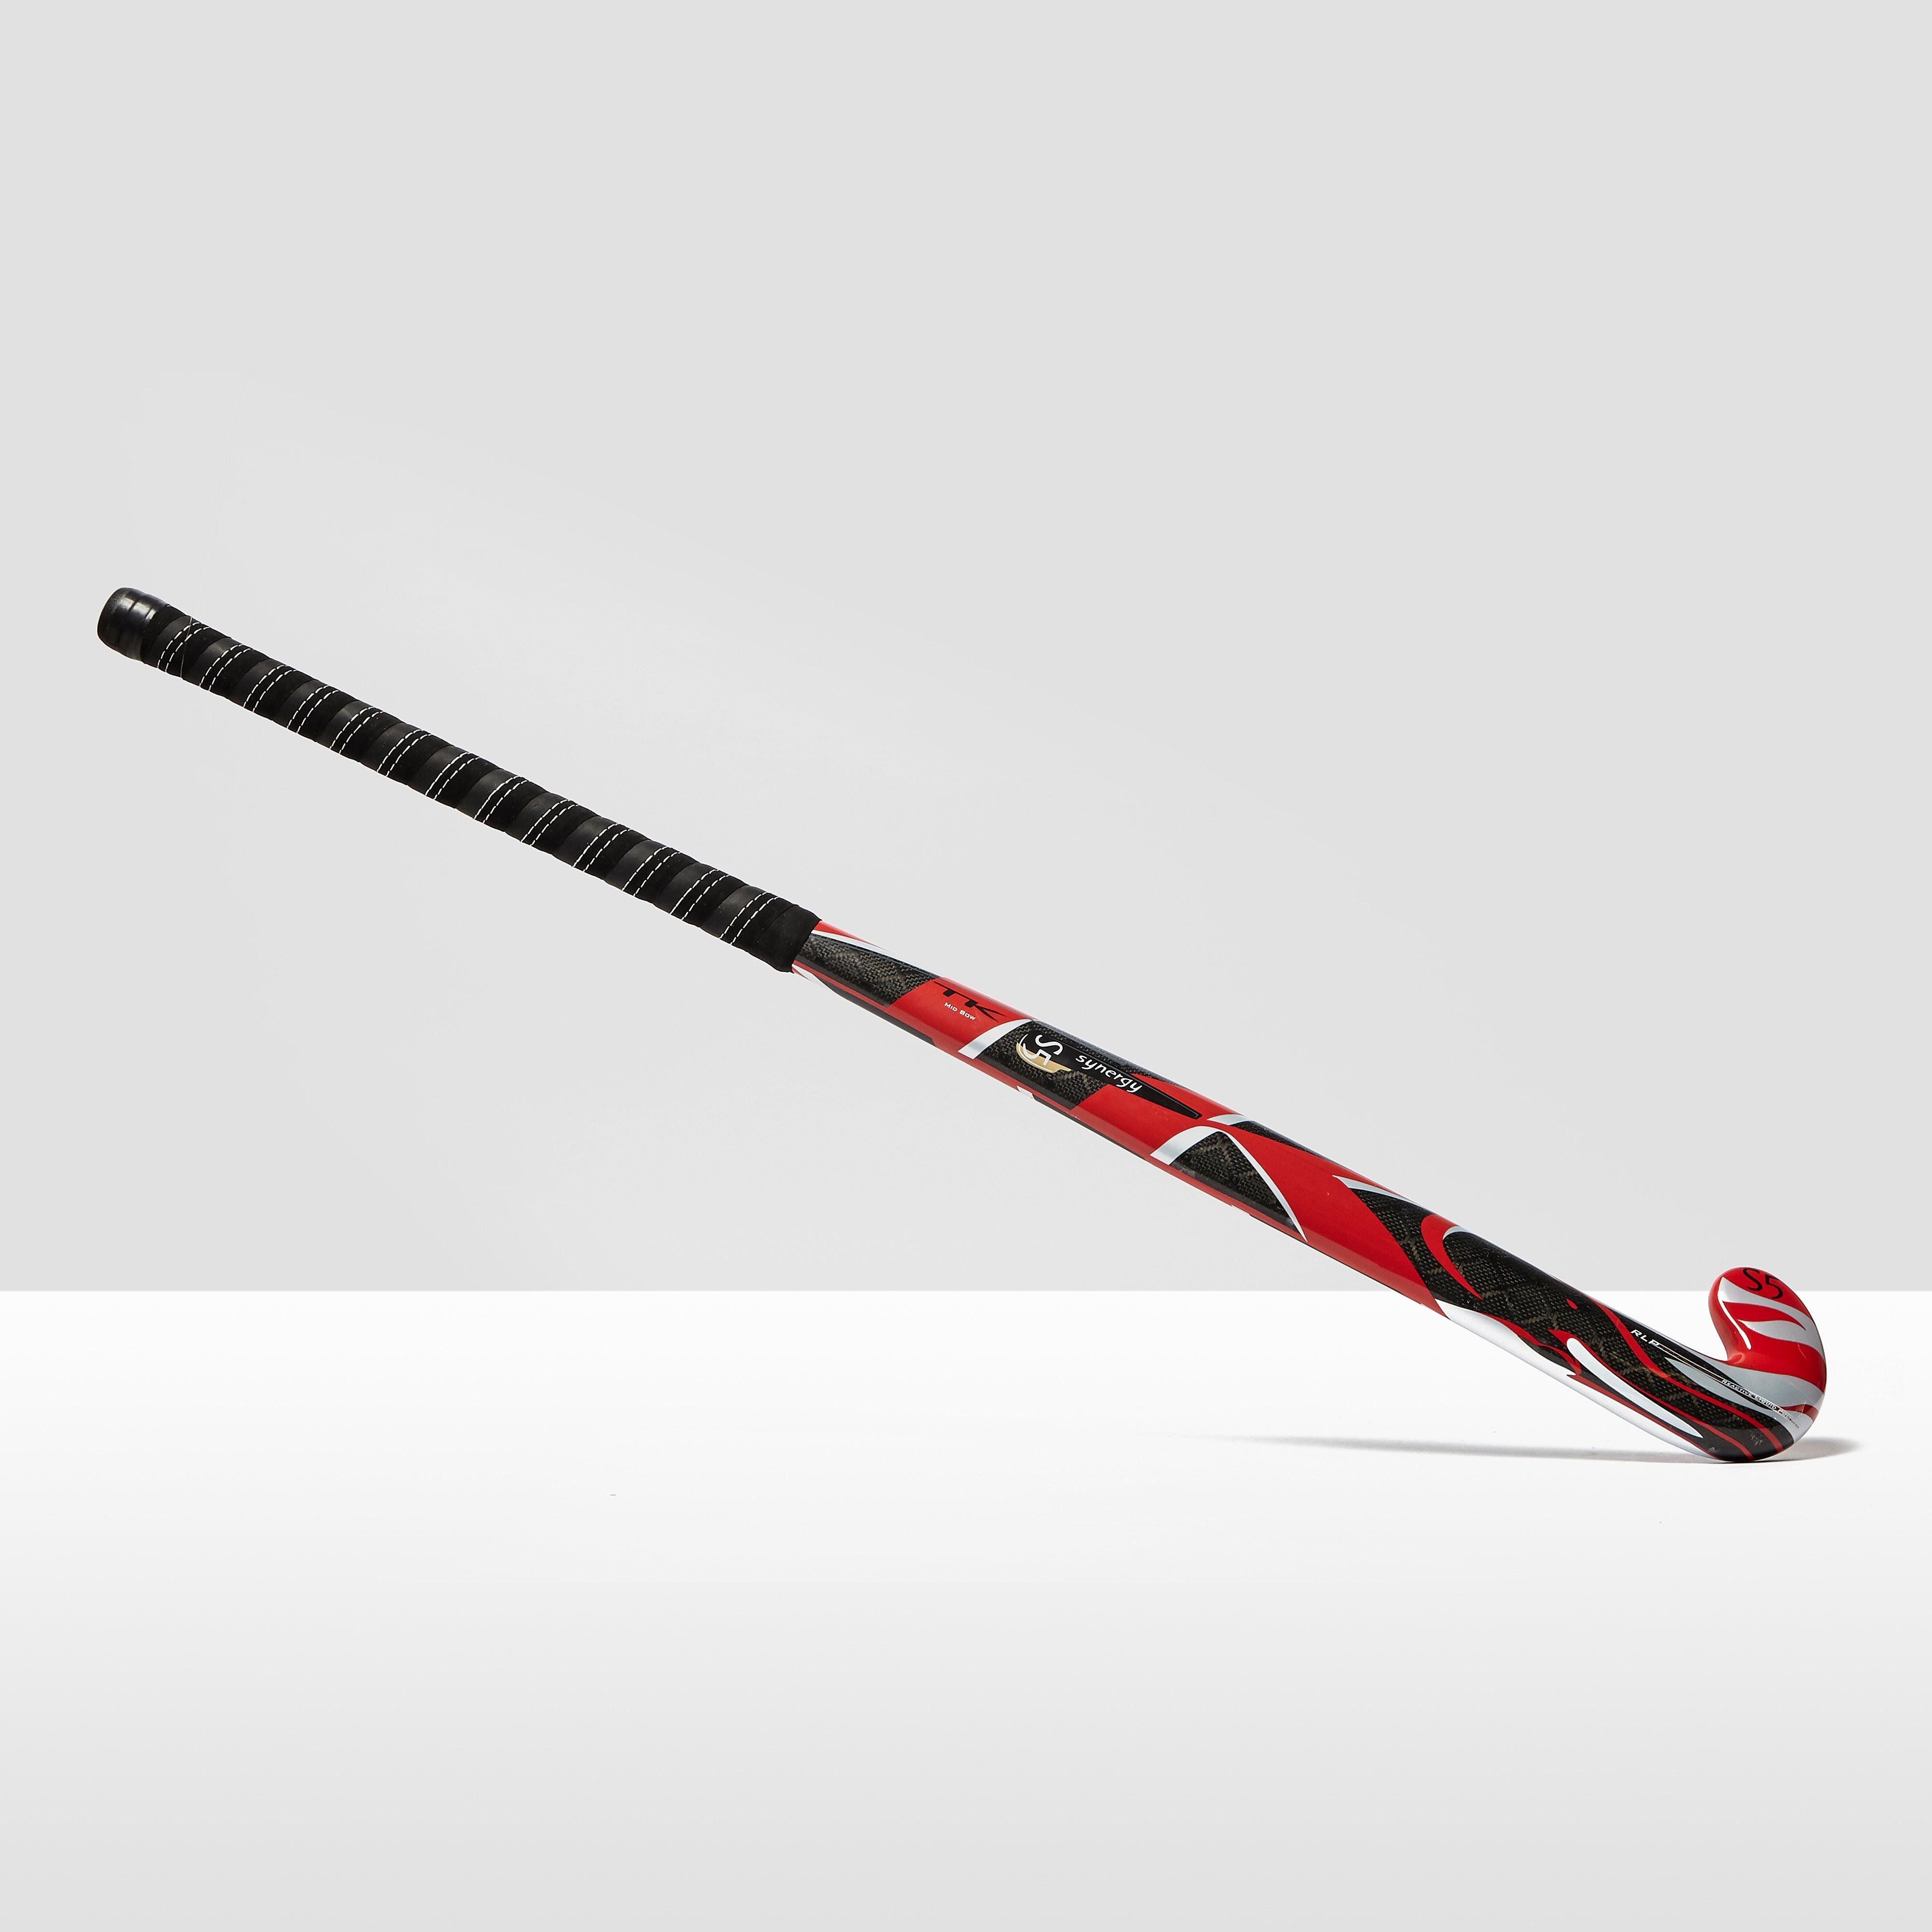 TK Hockey Synergy S5 Hockey Stick